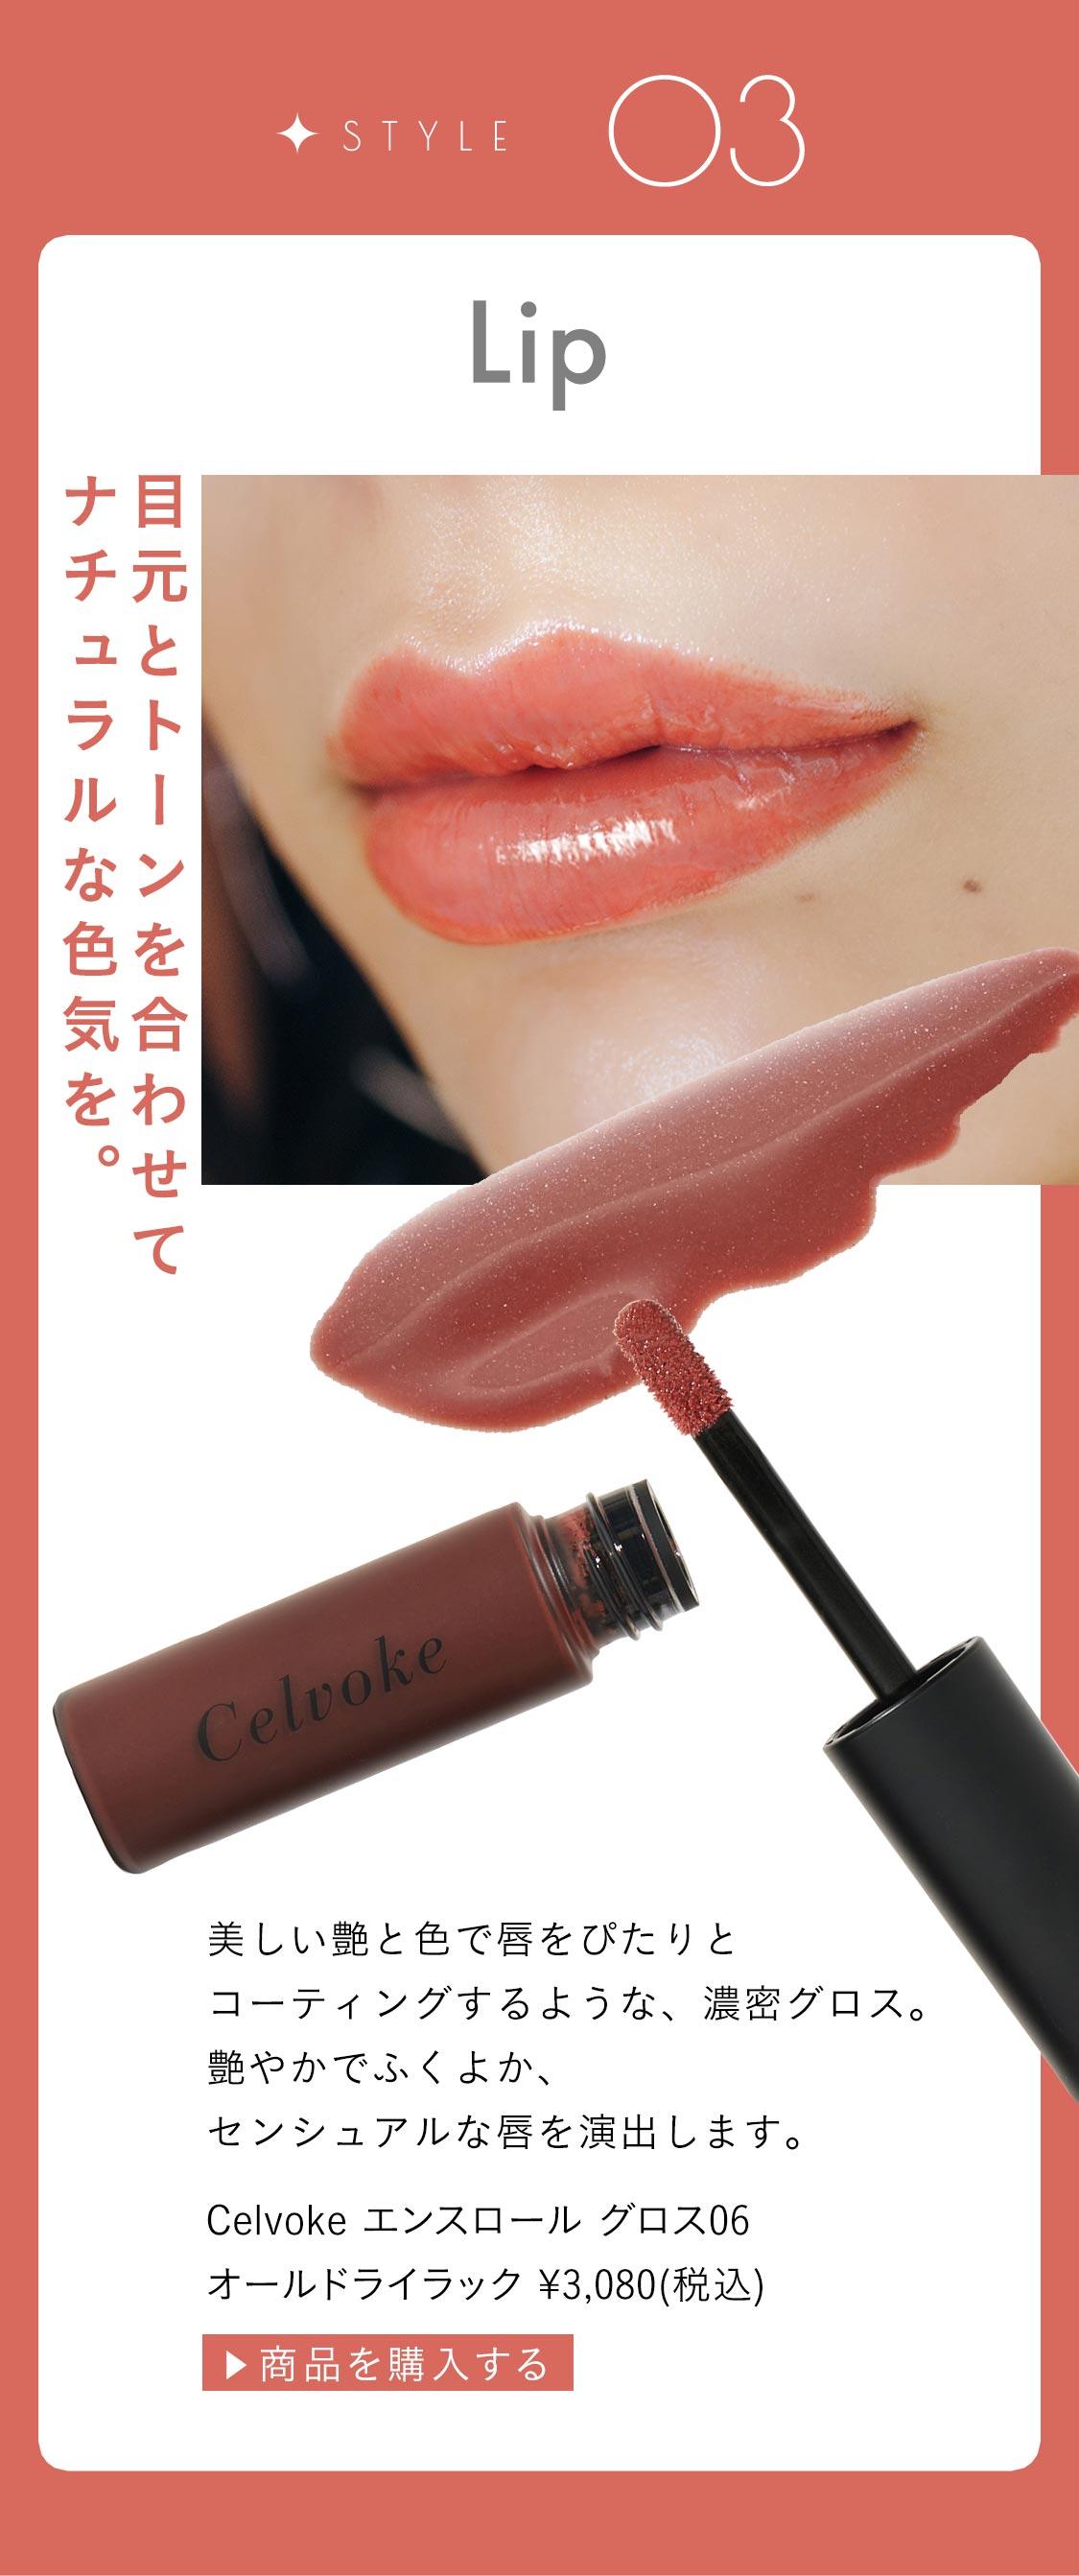 美しい艶と色で唇をぴたりとコーティングするような、濃密グロス。 艶やかでふくよか、センシュアルな唇を演出します。